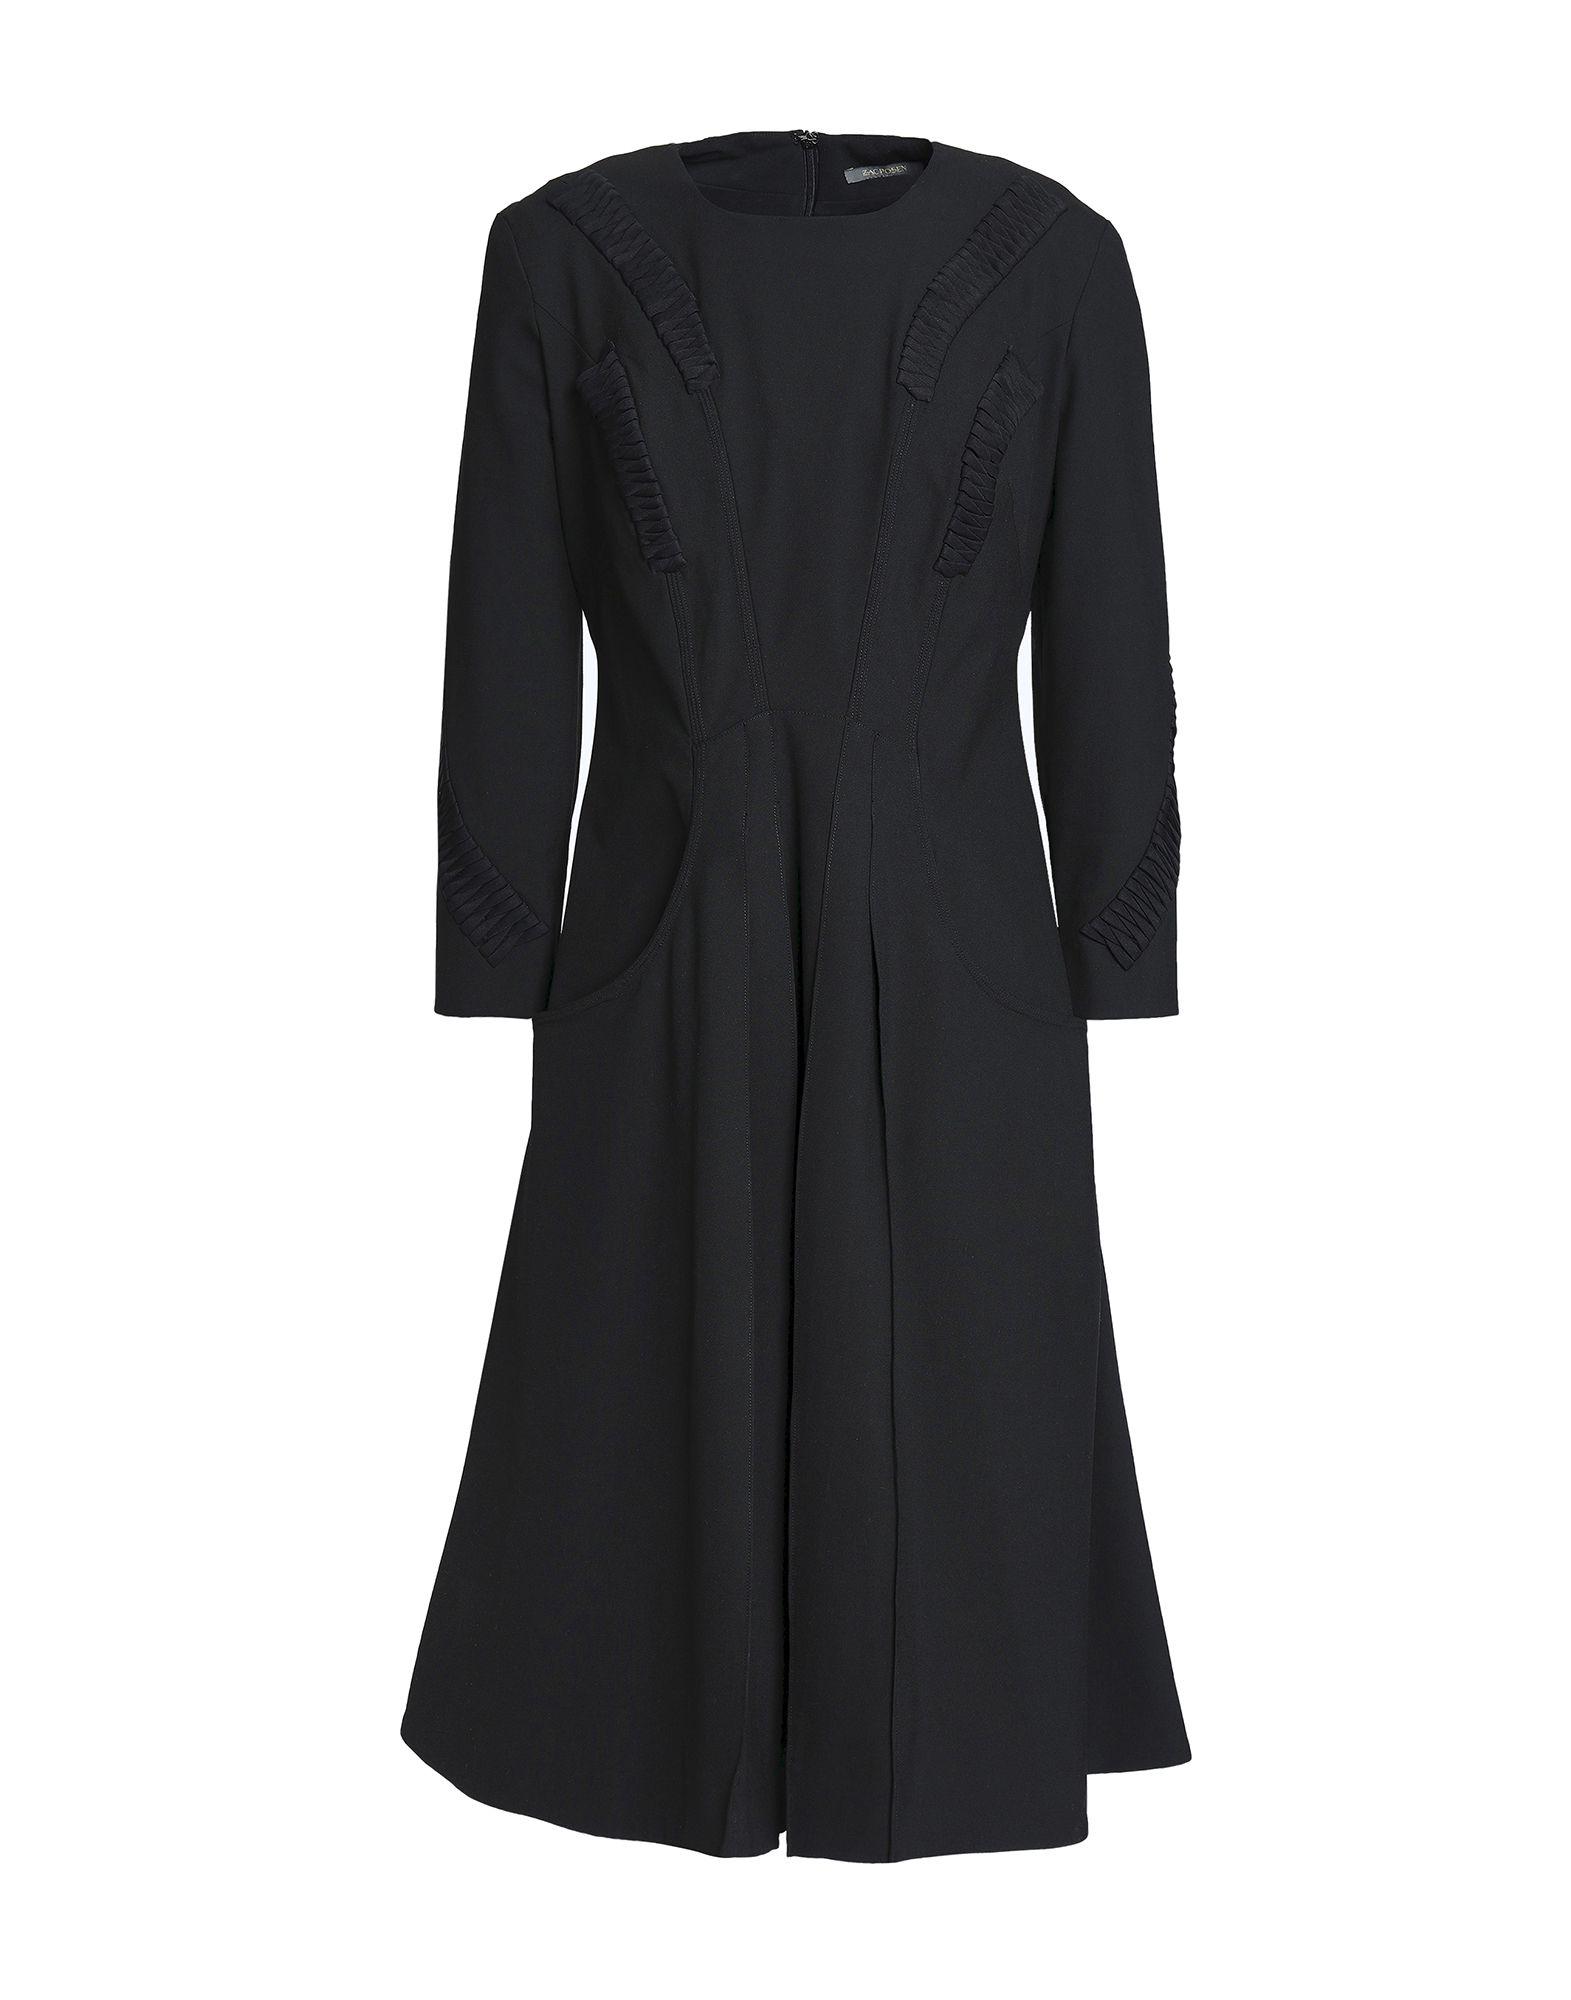 ZAC POSEN Платье до колена